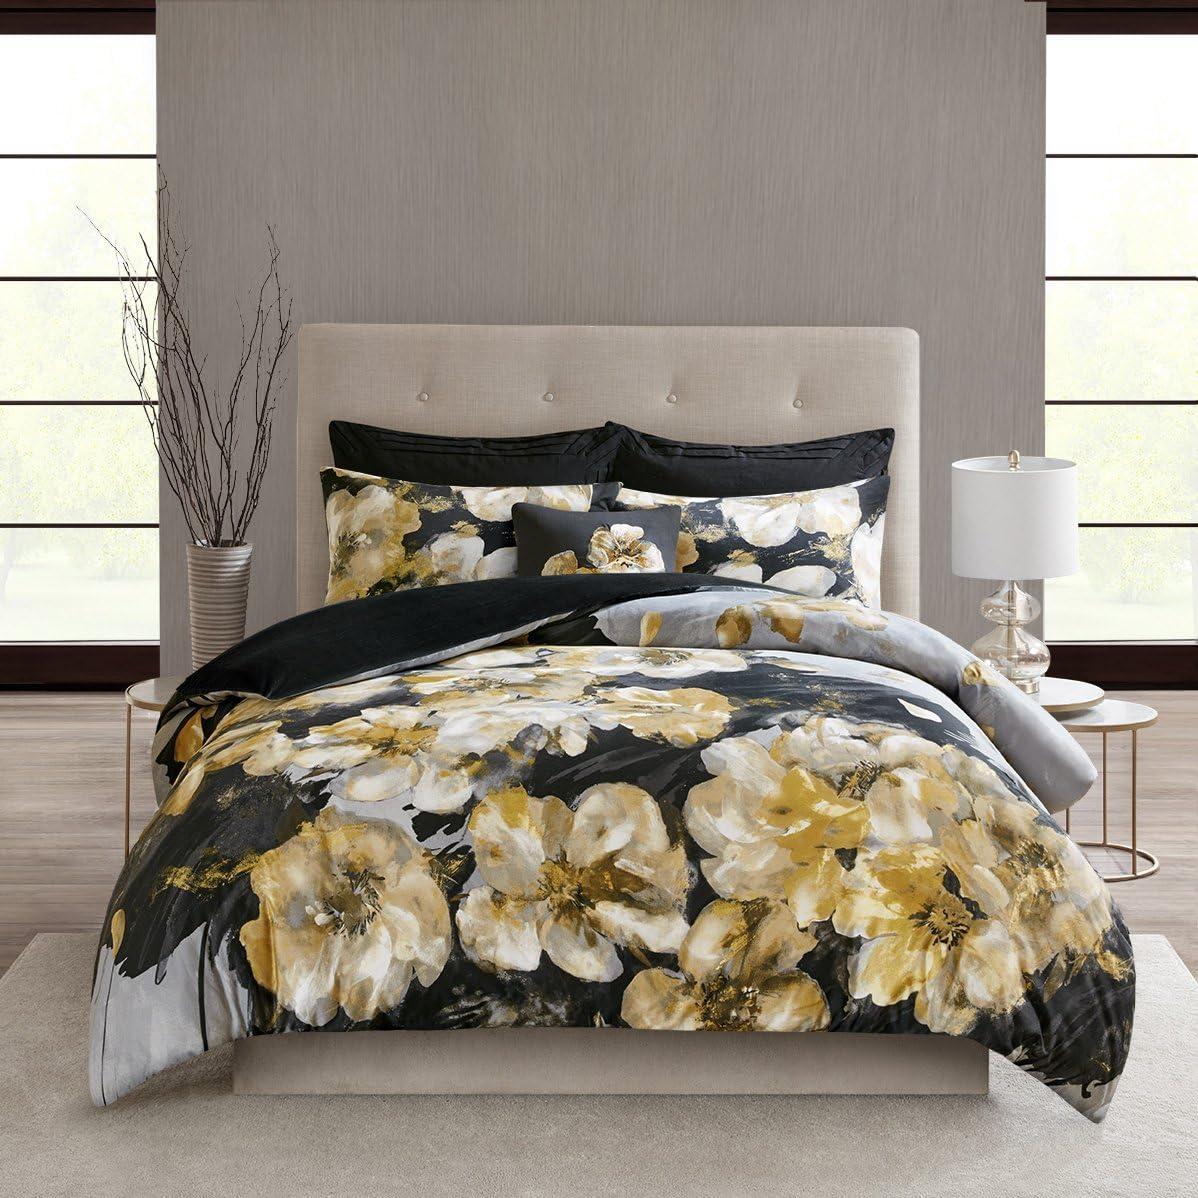 N Natori Casa Noir 3 Piece Cotton Duvet Cover Set Multi King